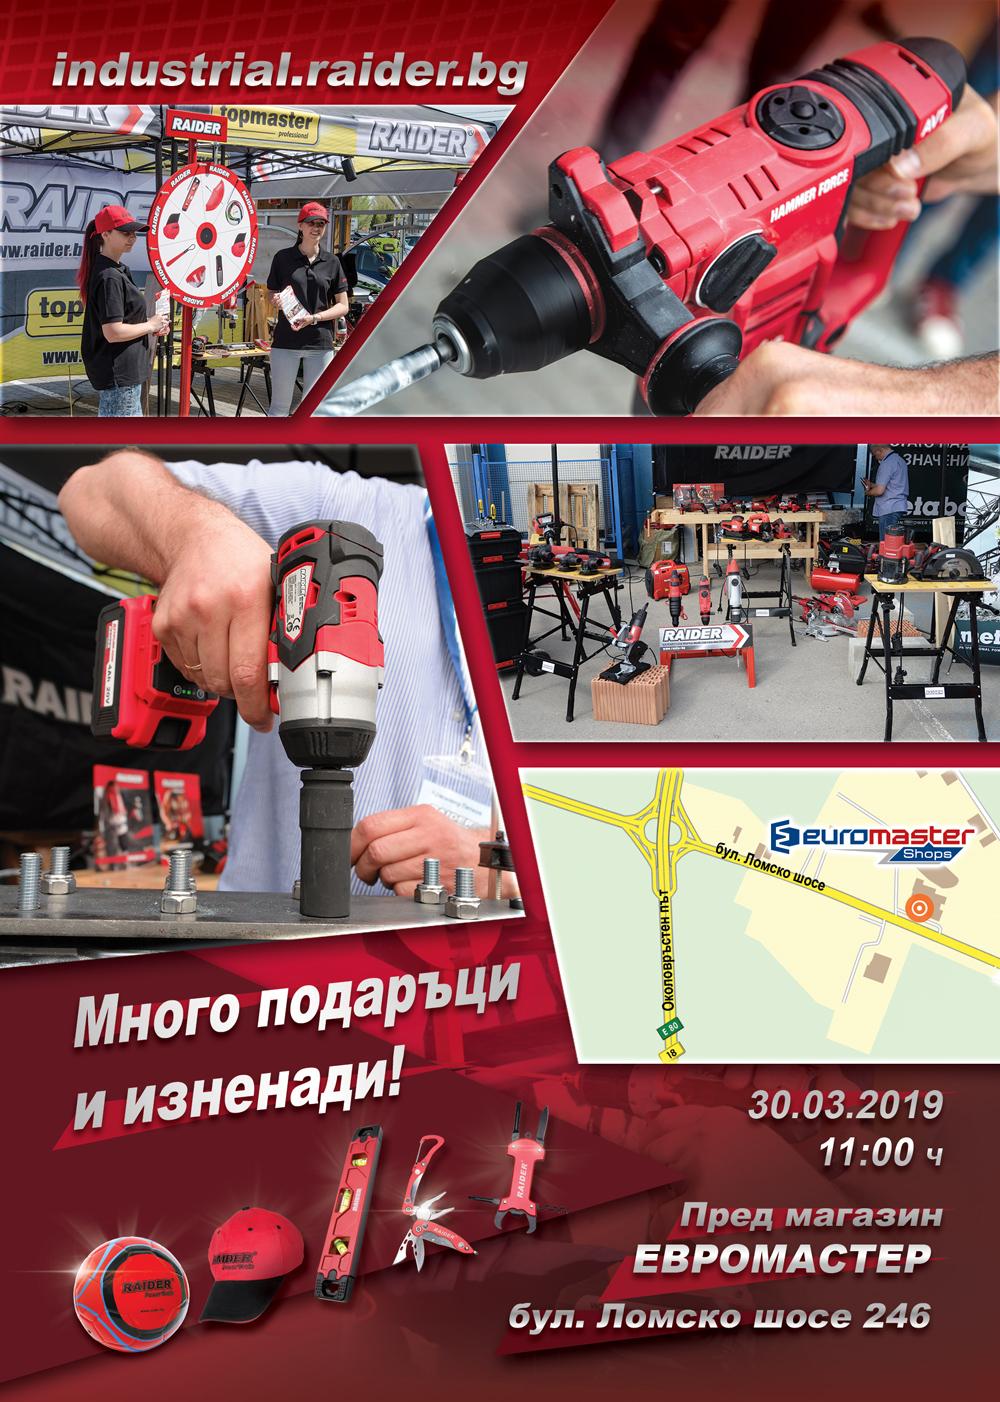 Демонстрация Raider Industrial, Raider R20, Euromaster Сребърна